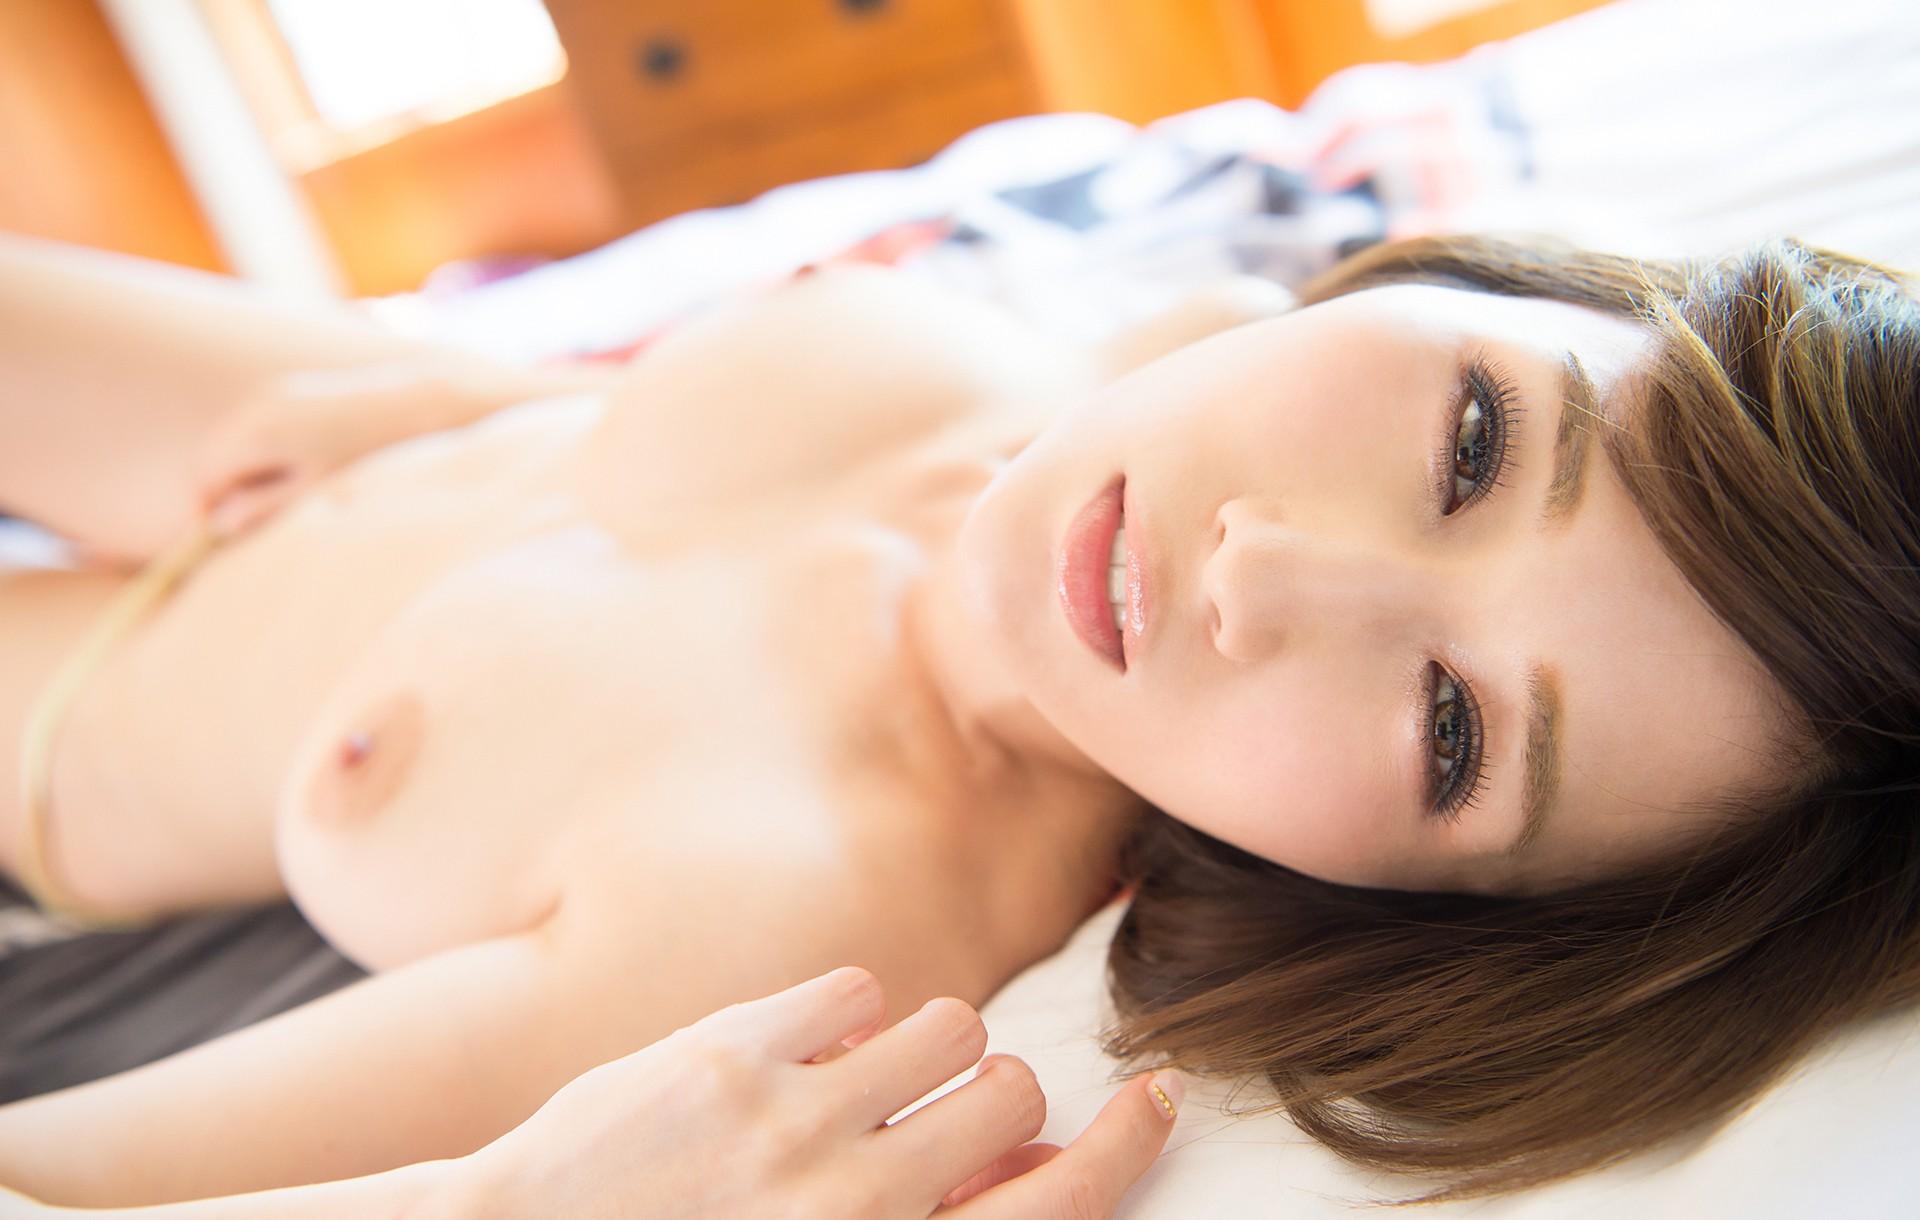 三次元 3次元 エロ画像 AV女優 JULIA ヌード べっぴん娘通信 049